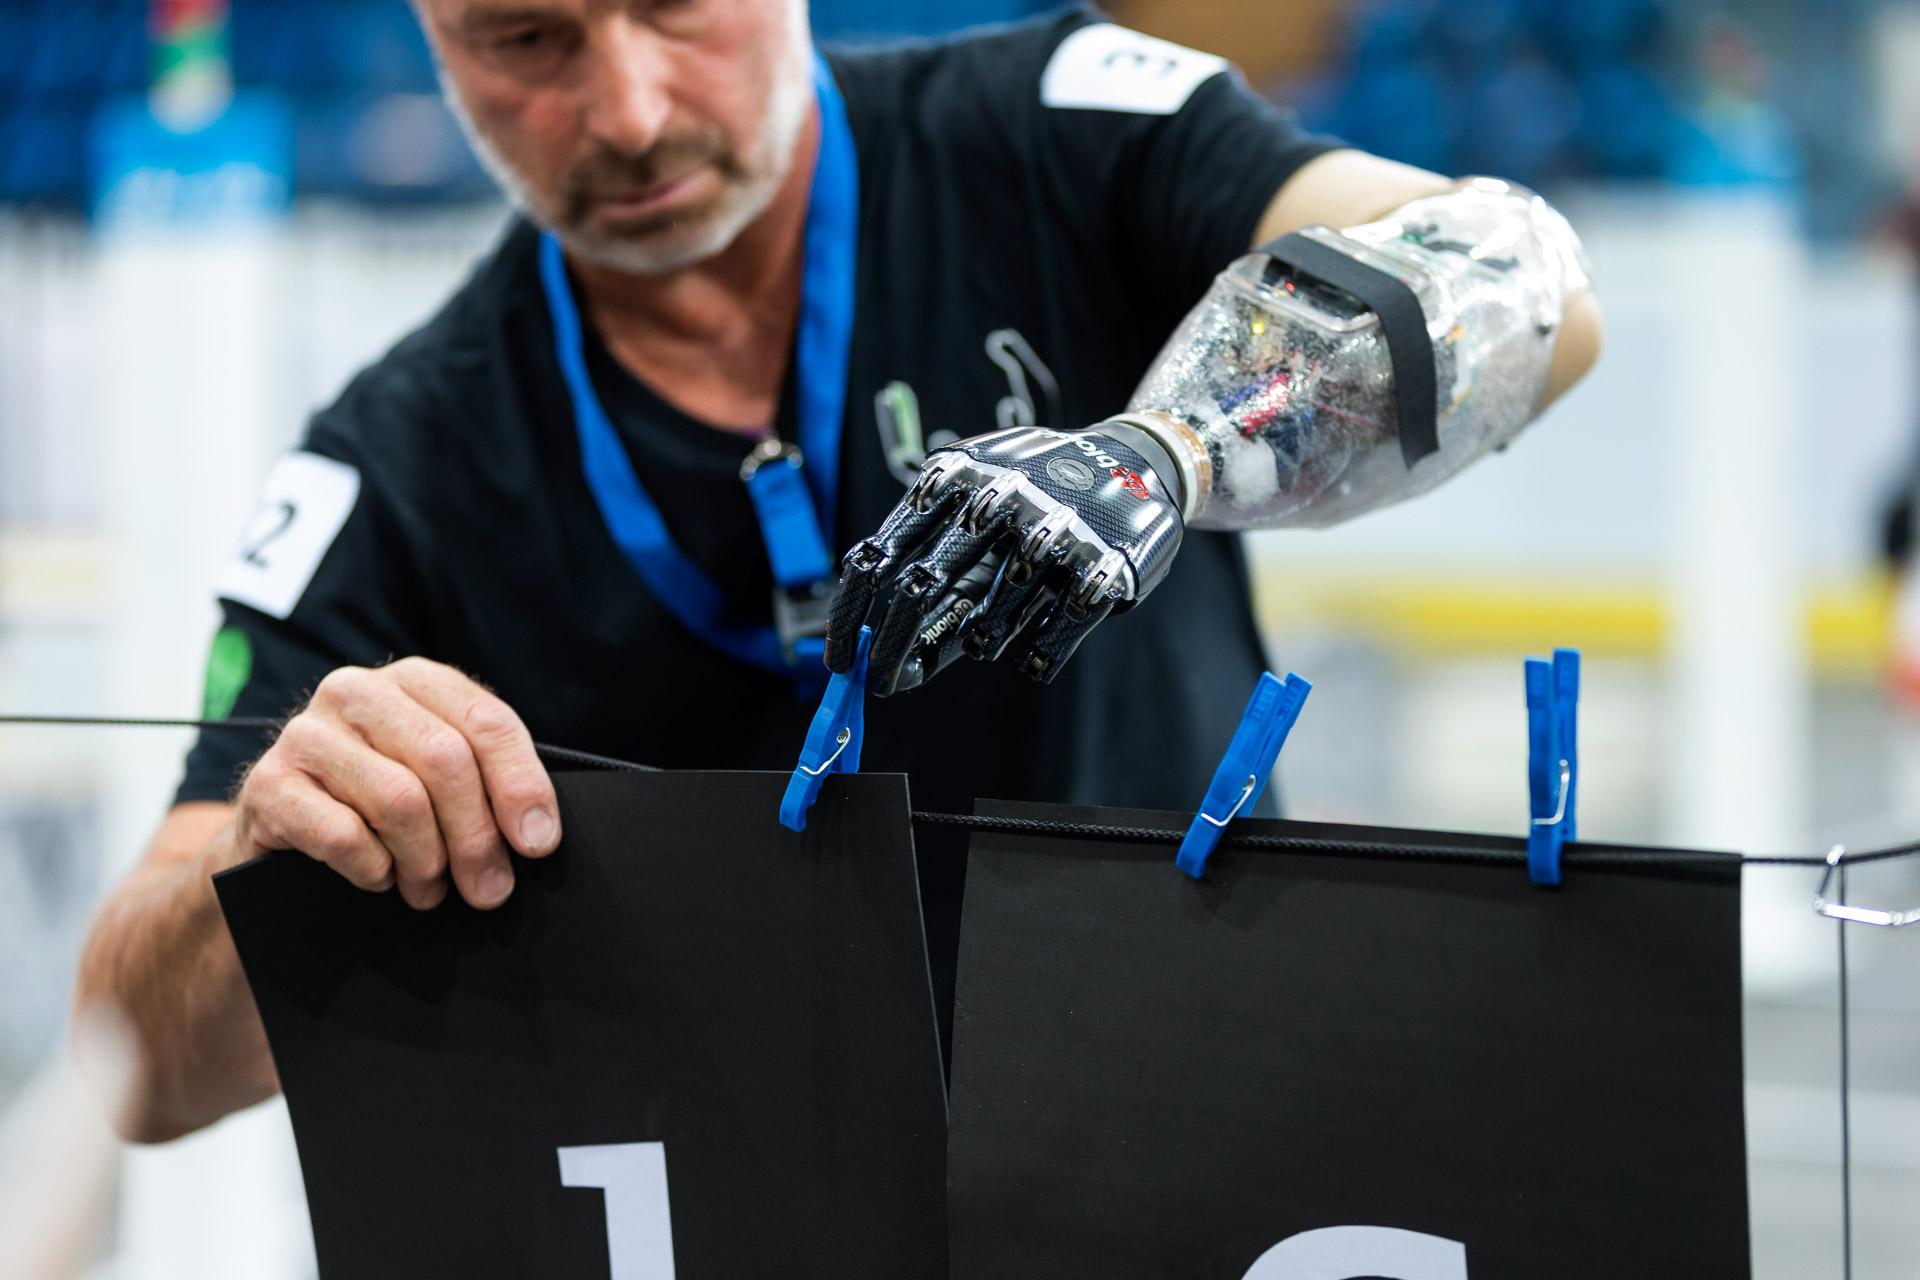 Одно из соревнований обладателей ручных протезов наКибатлоне вШвейцарии, виюле 2015 года